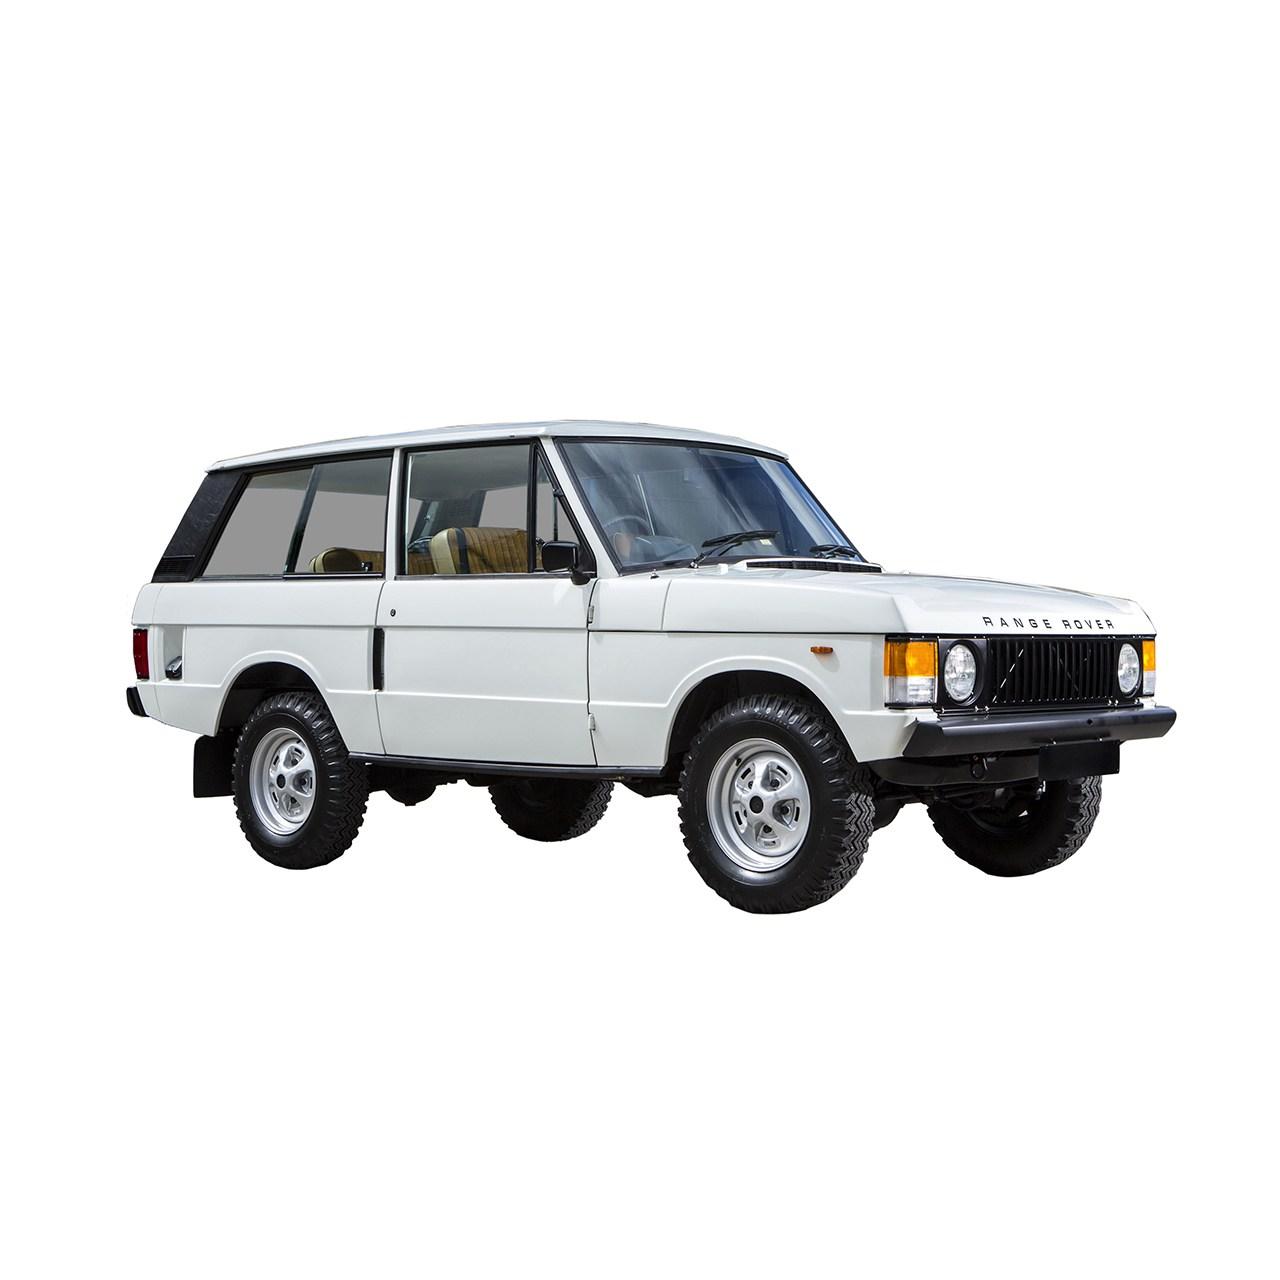 خودرو لندروور رنجرور دنده ای سال 1975